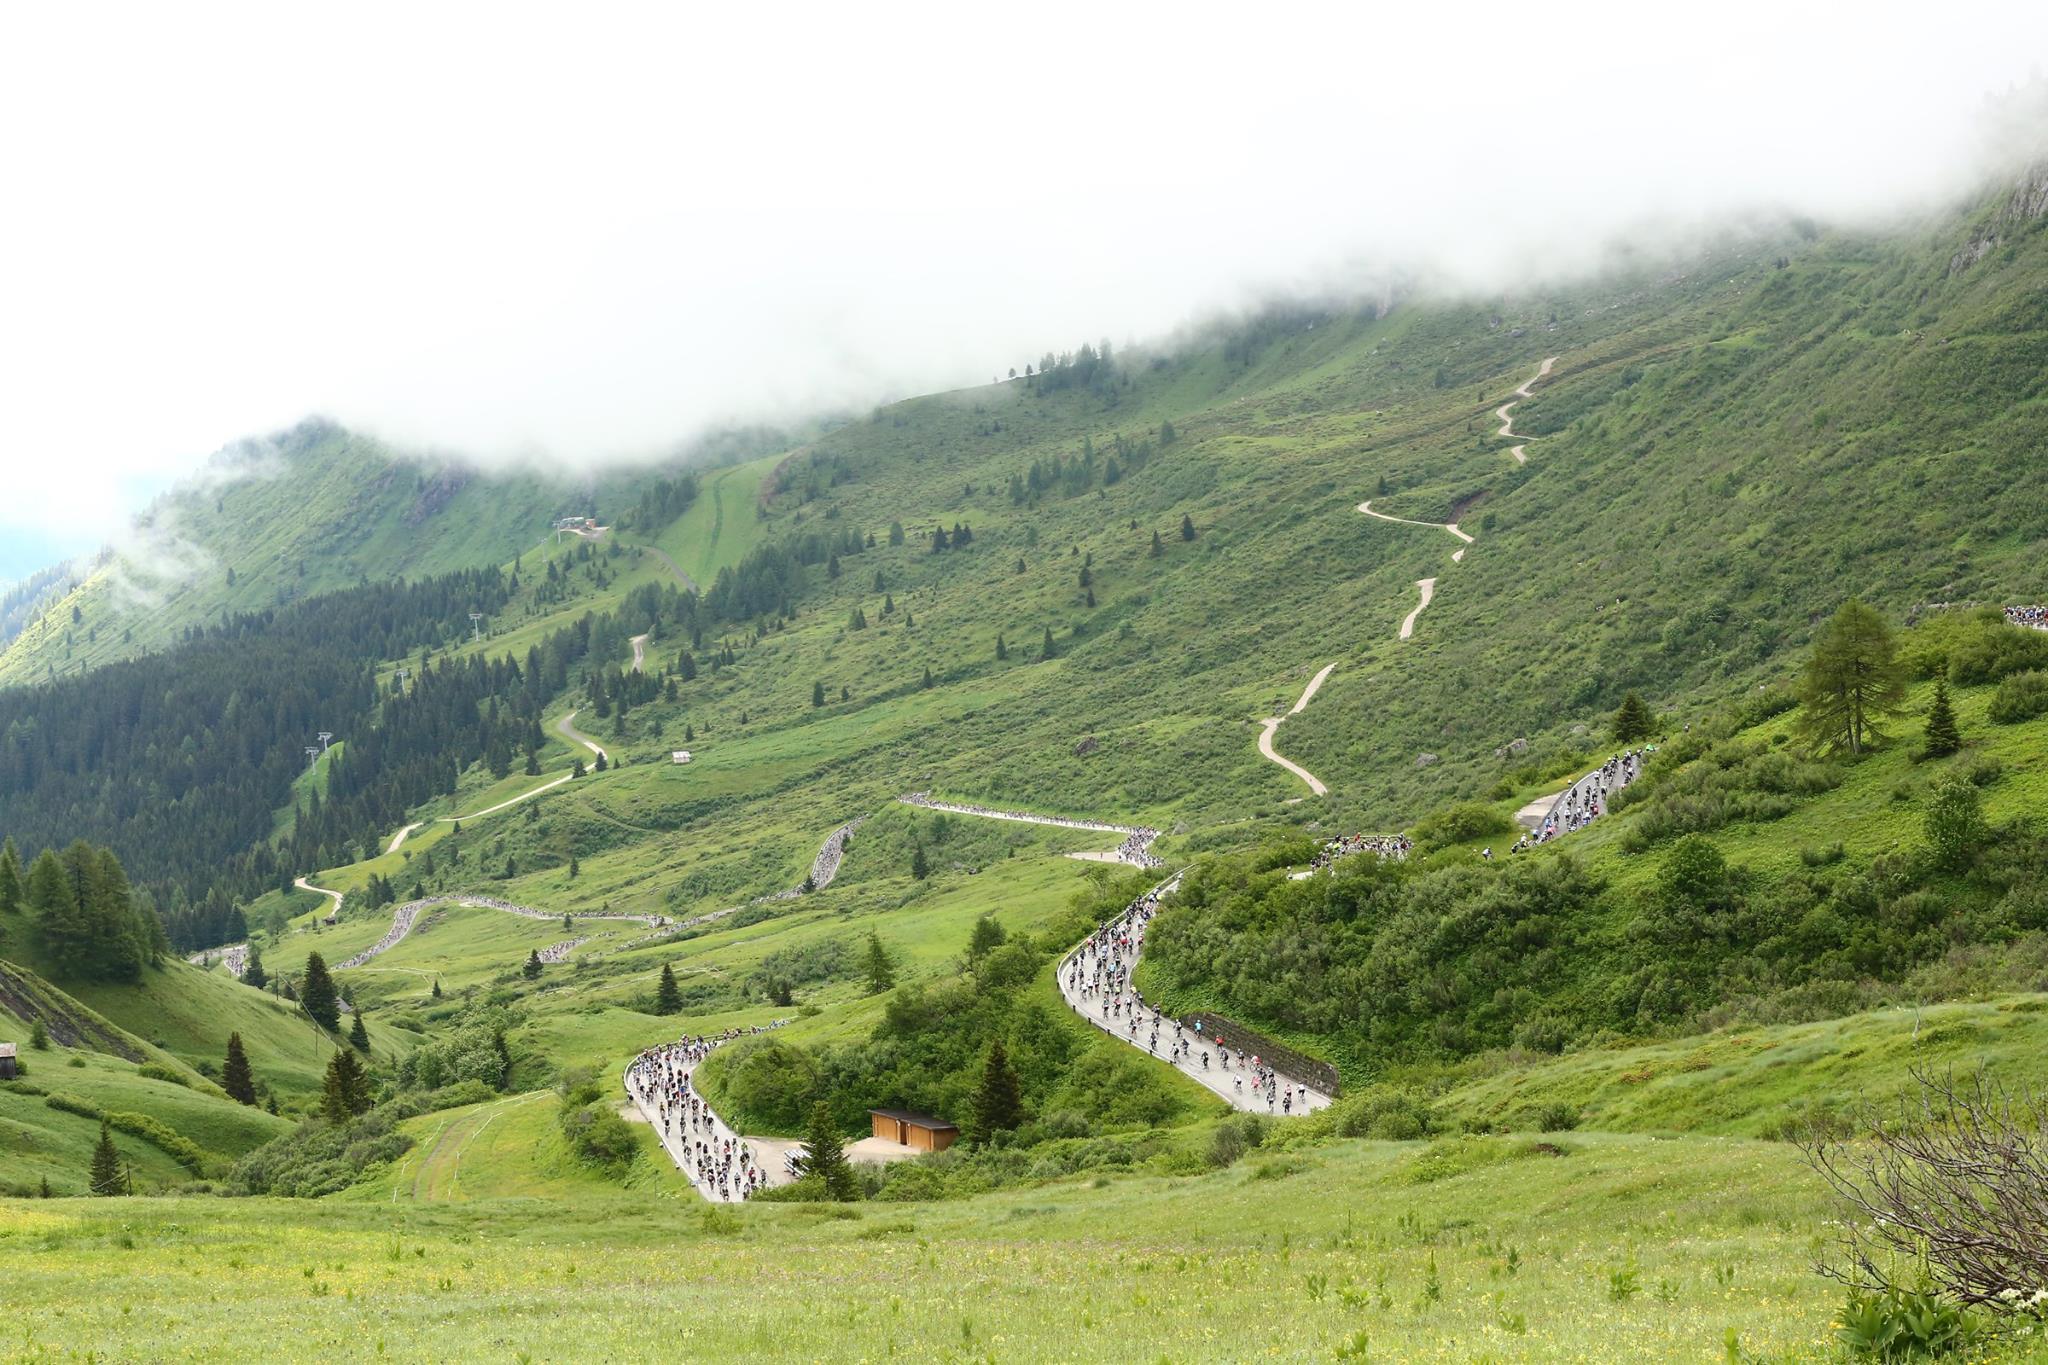 Cycling-in-Italy-Maratona-dles-Dolomites